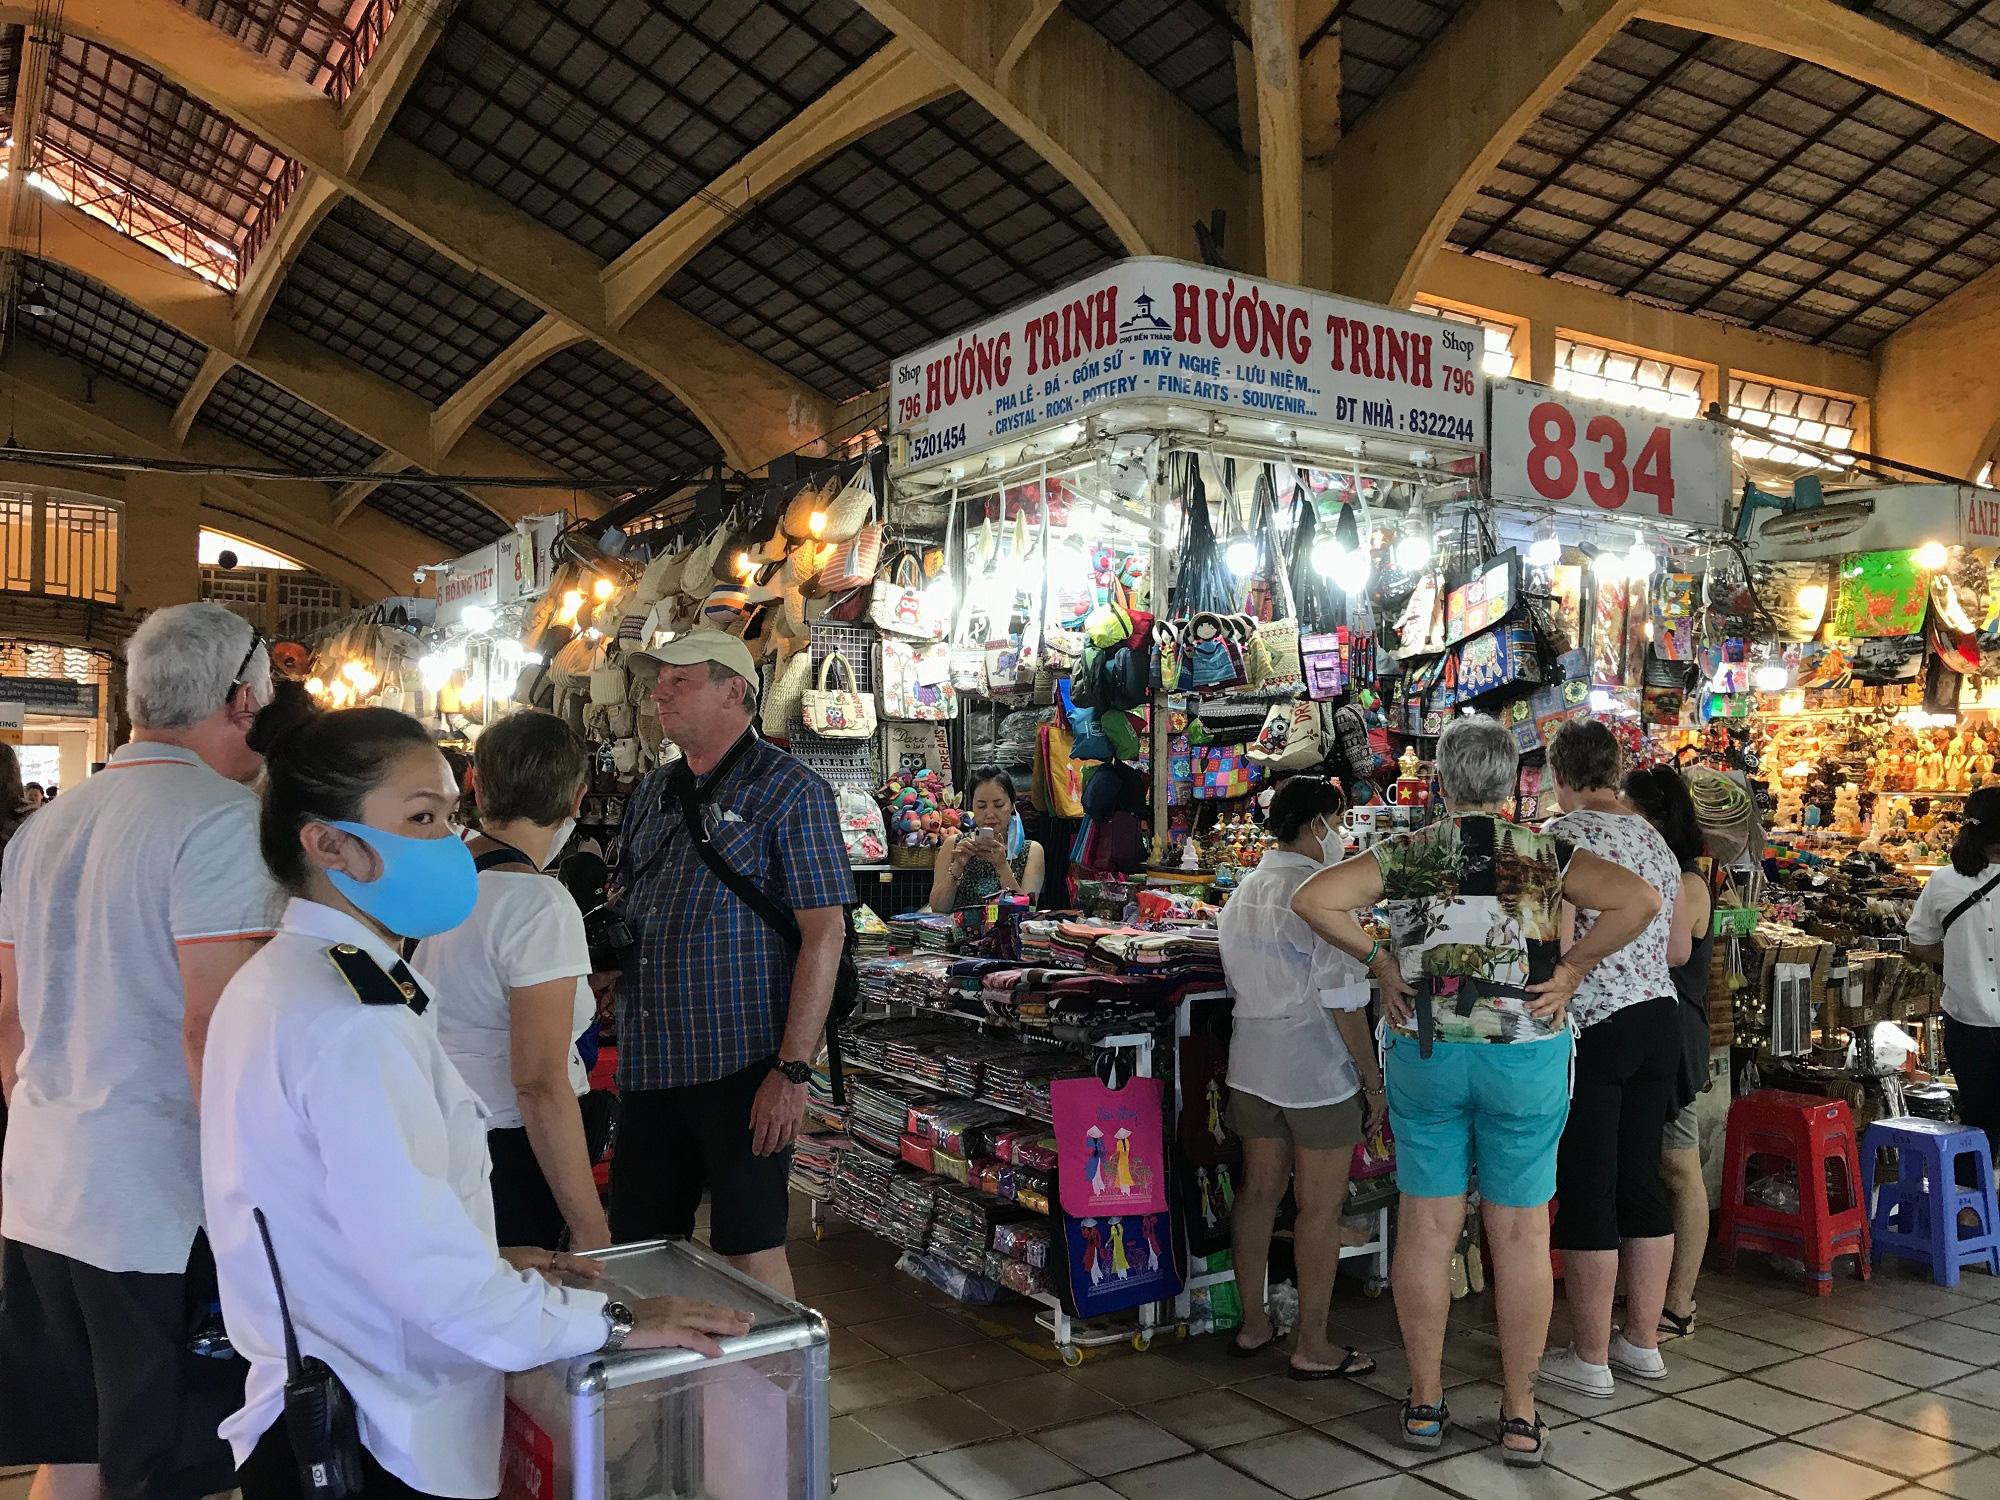 """Nhiều khách Tây vẫn """"làm ngơ"""", không đeo khẩu trang khi đi du lịch ở TP.HCM  - Ảnh 7."""